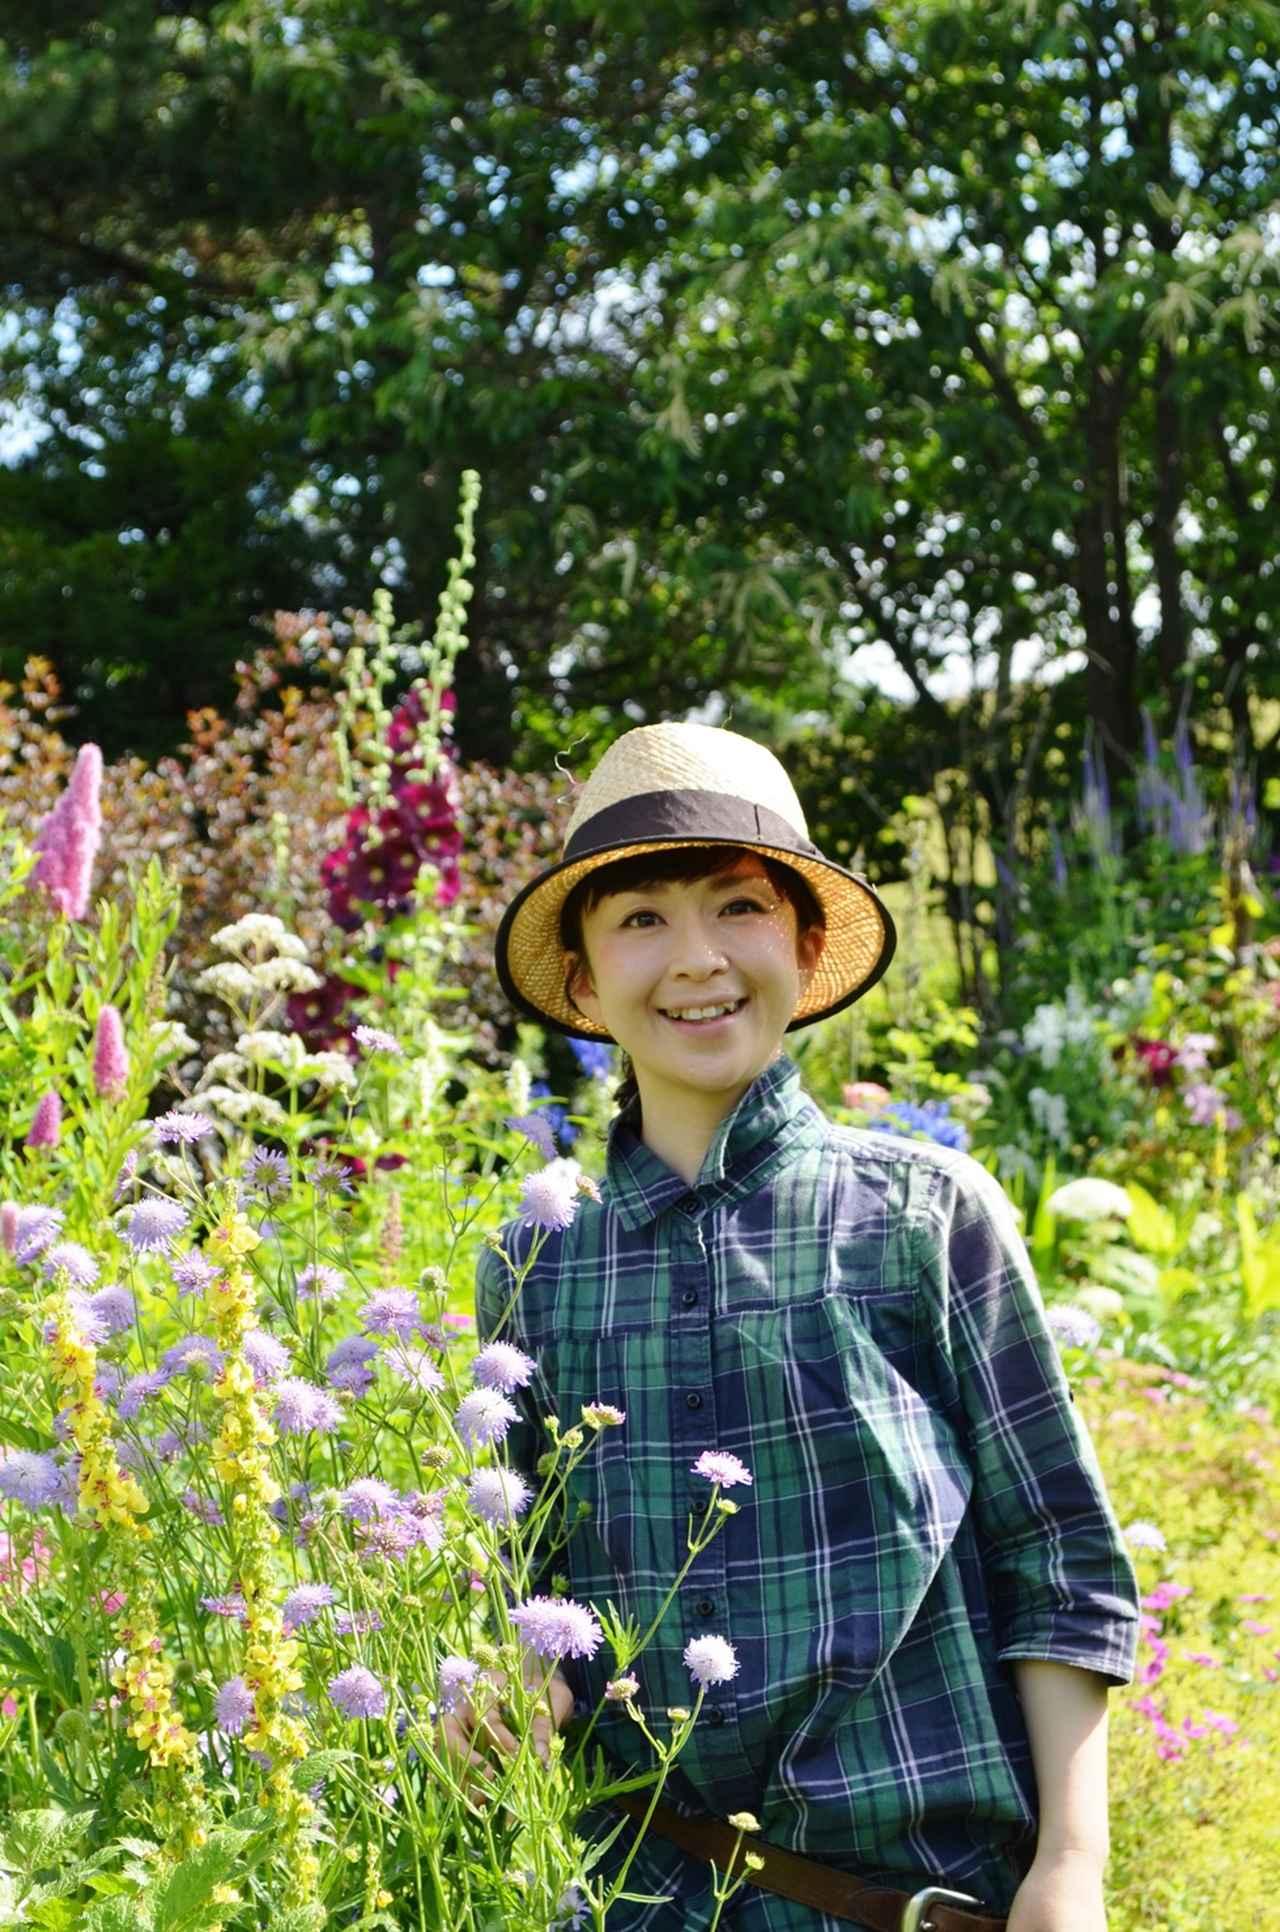 画像: 上野ファームの上野砂由紀さんをはじめ、紫竹ガーデンの紫竹昭葉さん、真鍋庭園の真鍋憲太郎さん、十勝千年の森のヘッドガーデナーの新谷みどりさんにもご案内頂きました。